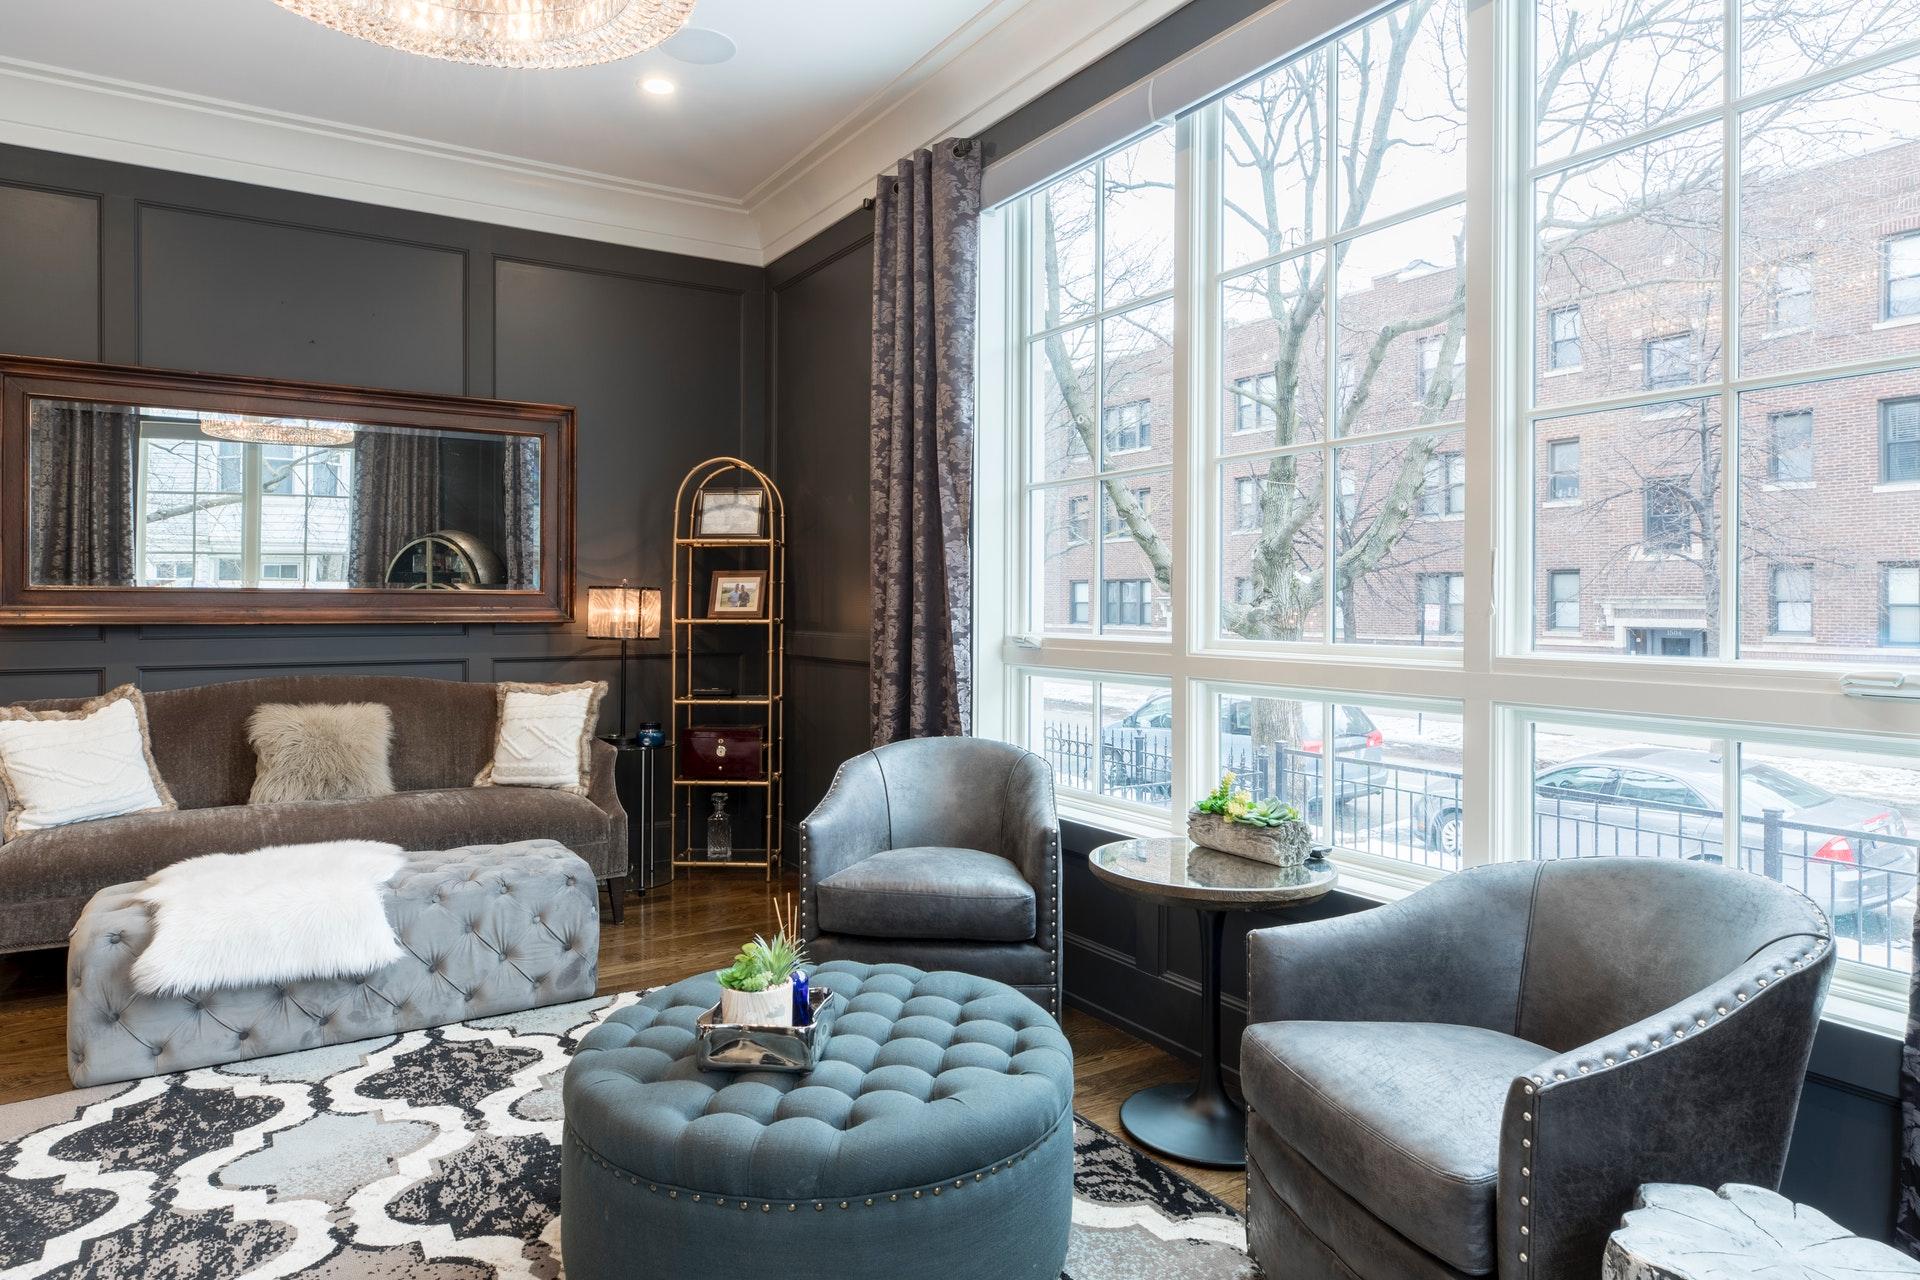 Makelaar Visie Makelaars – Ervaar nieuwe hoogten in luxe onroerend goed